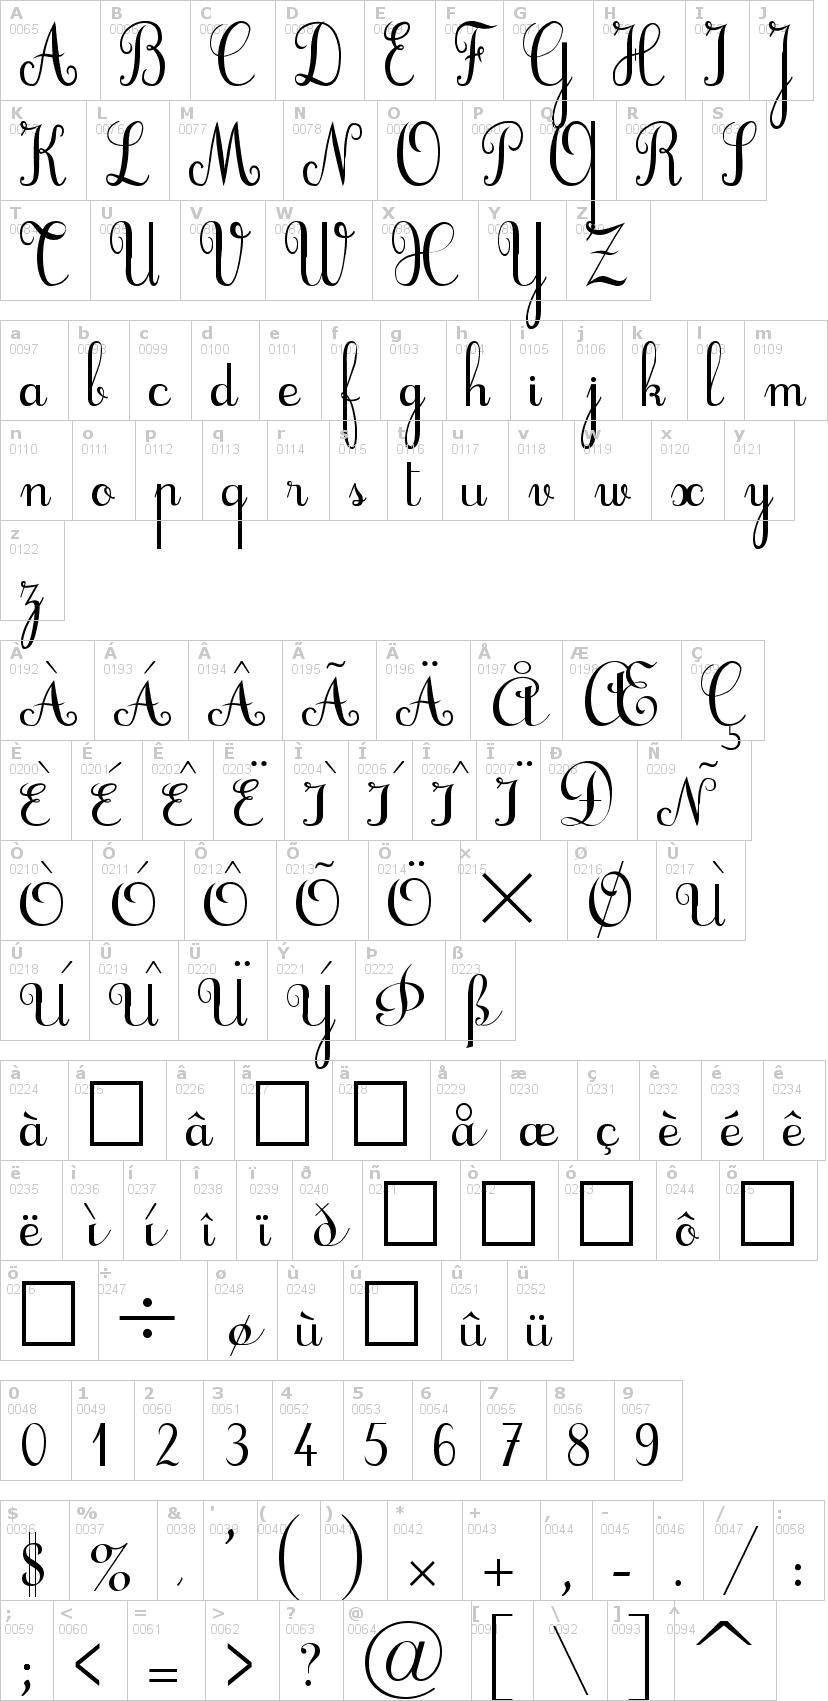 Lettere dell'alfabeto del font cursif con le quali è possibile realizzare adesivi prespaziati